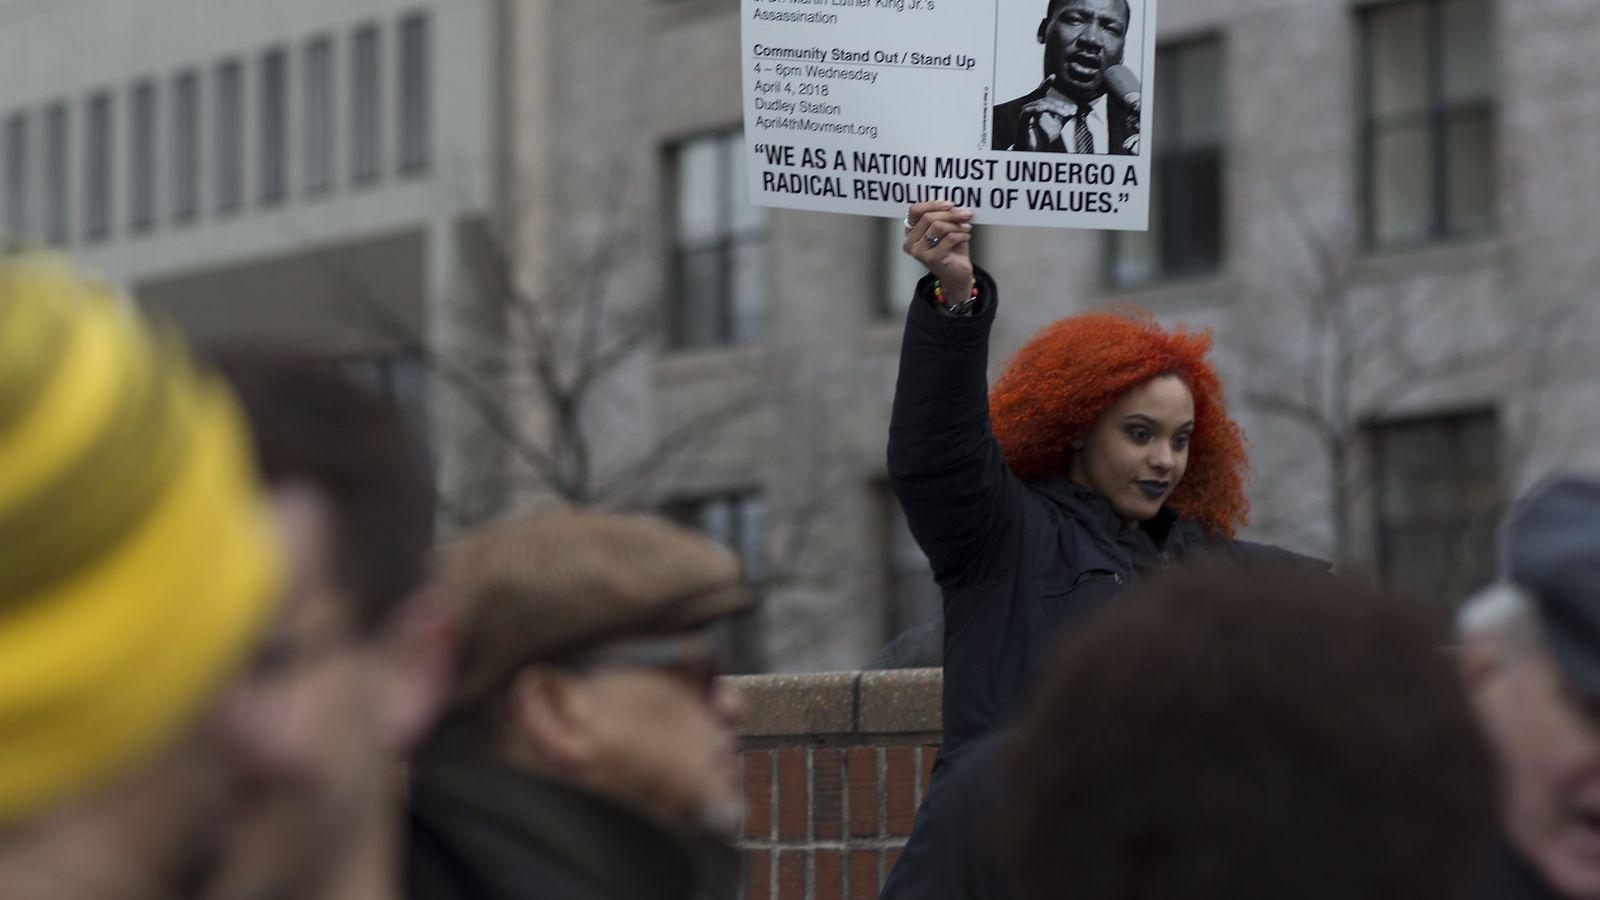 Foto: Una joven sostiene un cartel durante la lectura del discurso final de Martin Luther King en Boston, durante el aniversario de su muerte, el 2 de abril de 2018. (EFE)